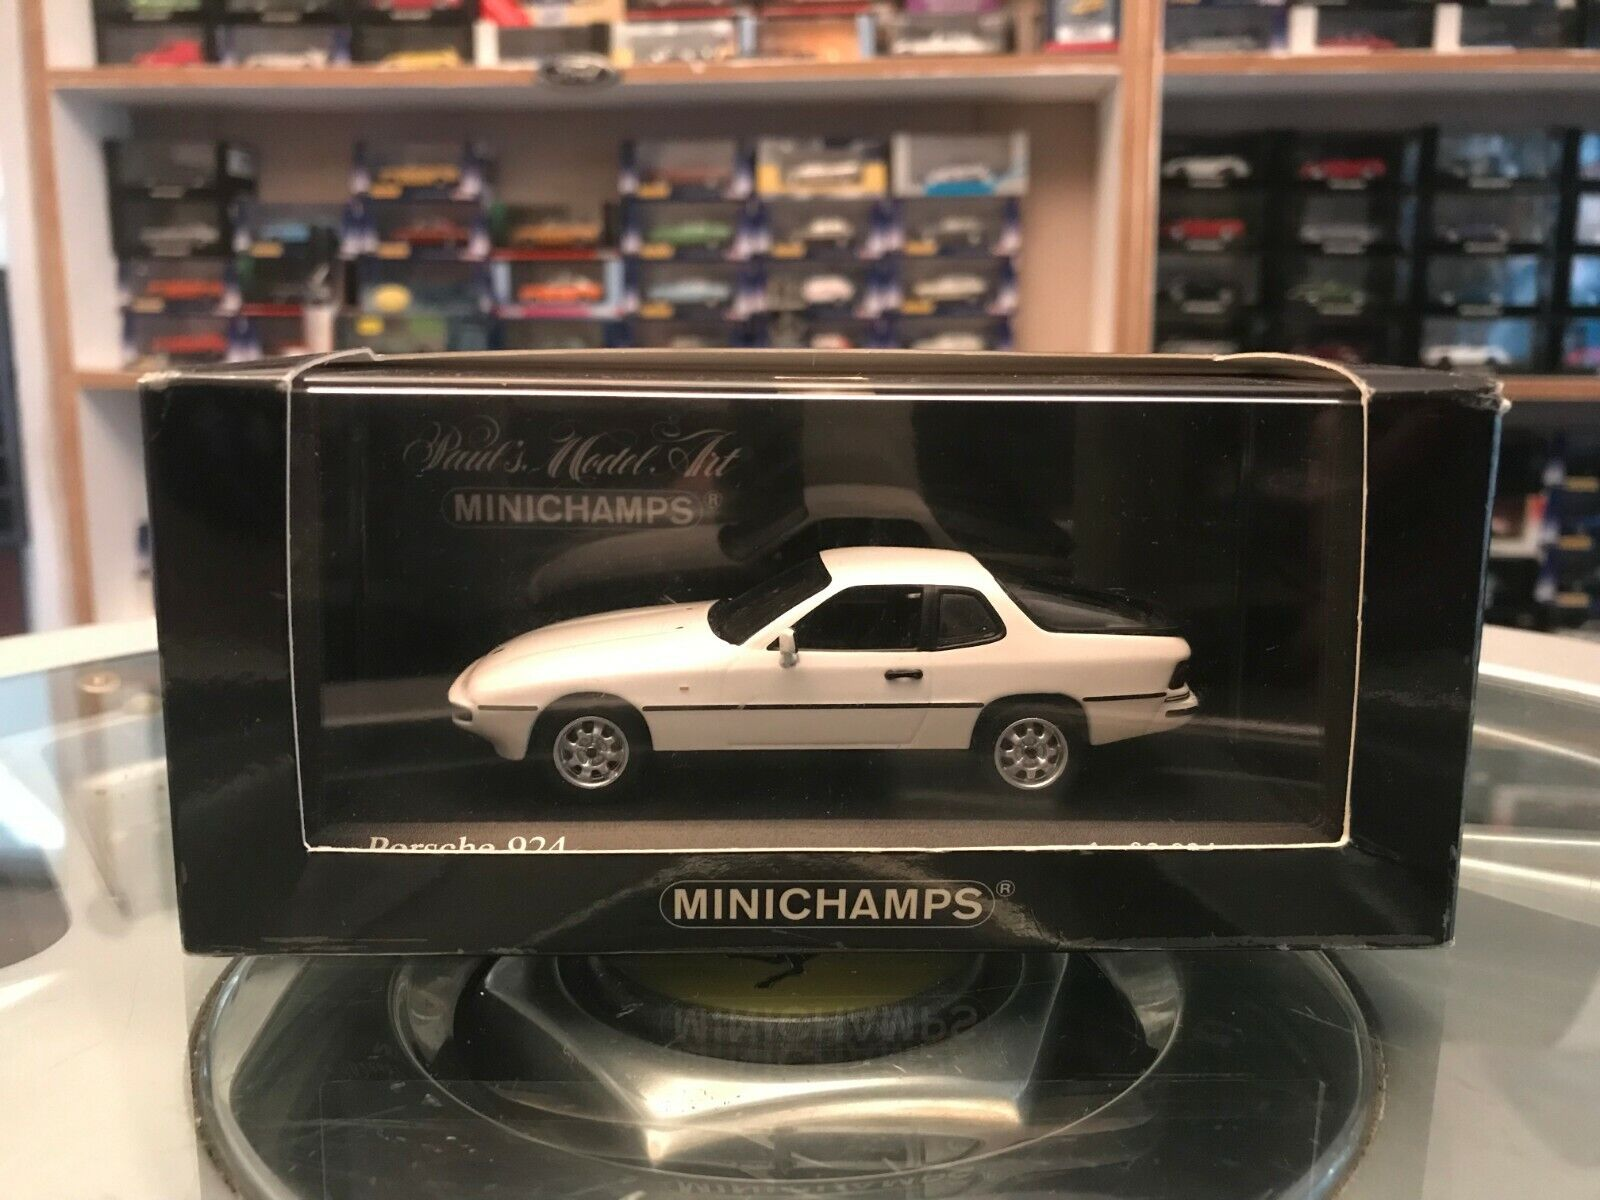 MINICHAMPS 1984 PORSCHE 924 Blanc Alpinweiss 1 43 En parfait état, dans sa boîte ltd ed 400 062120